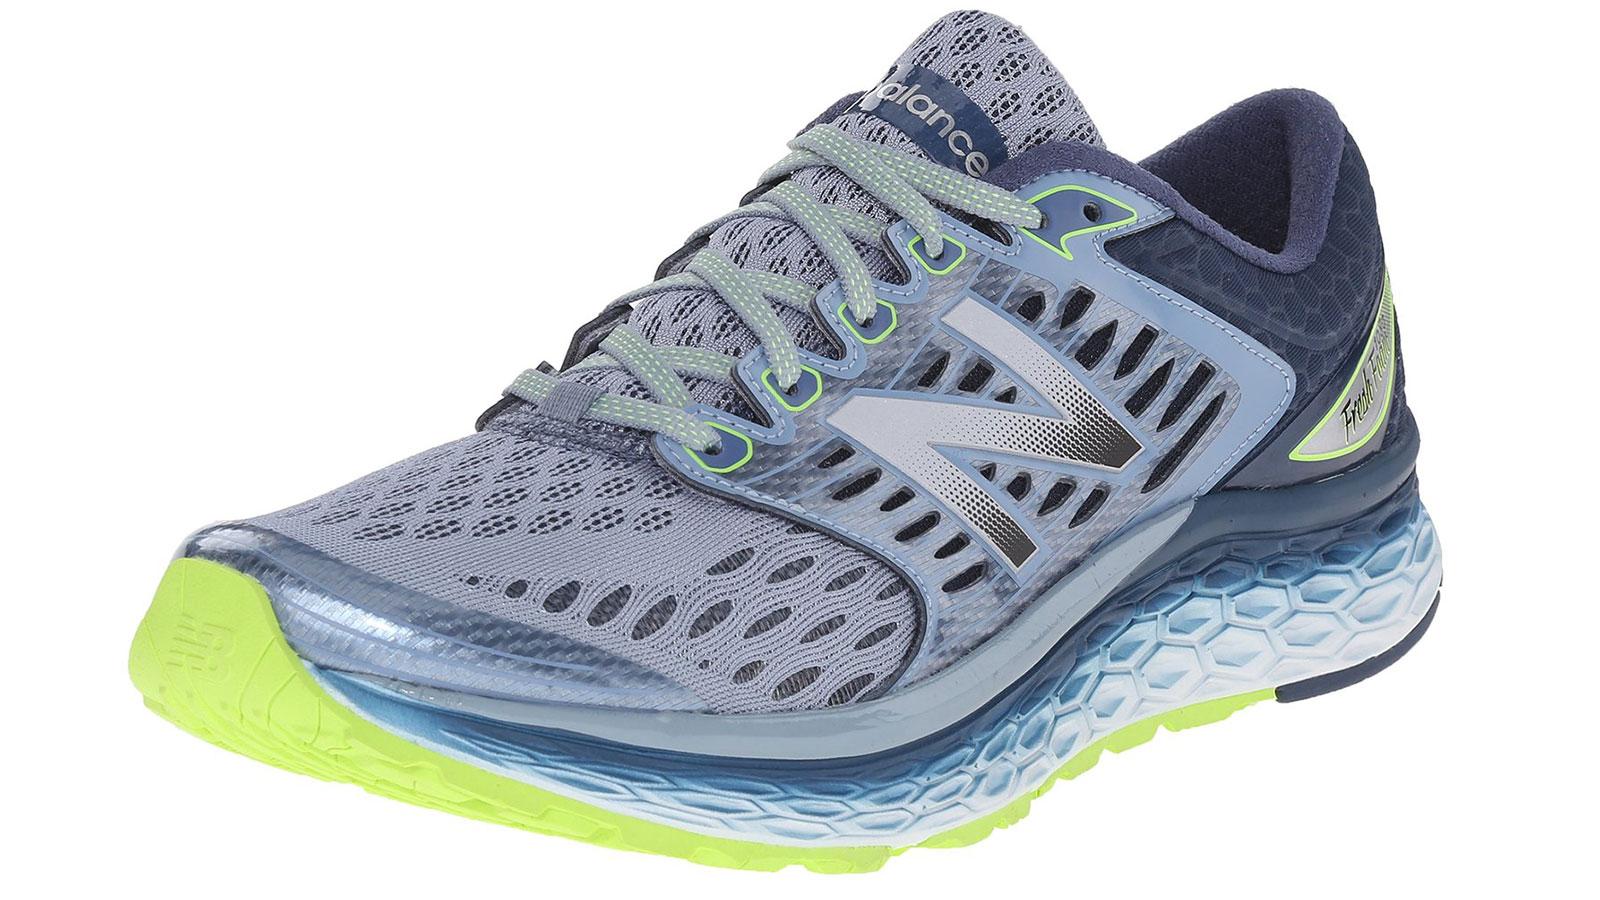 New Balance Men's Foam 1080v6 Running Shoe | best running shoes for men